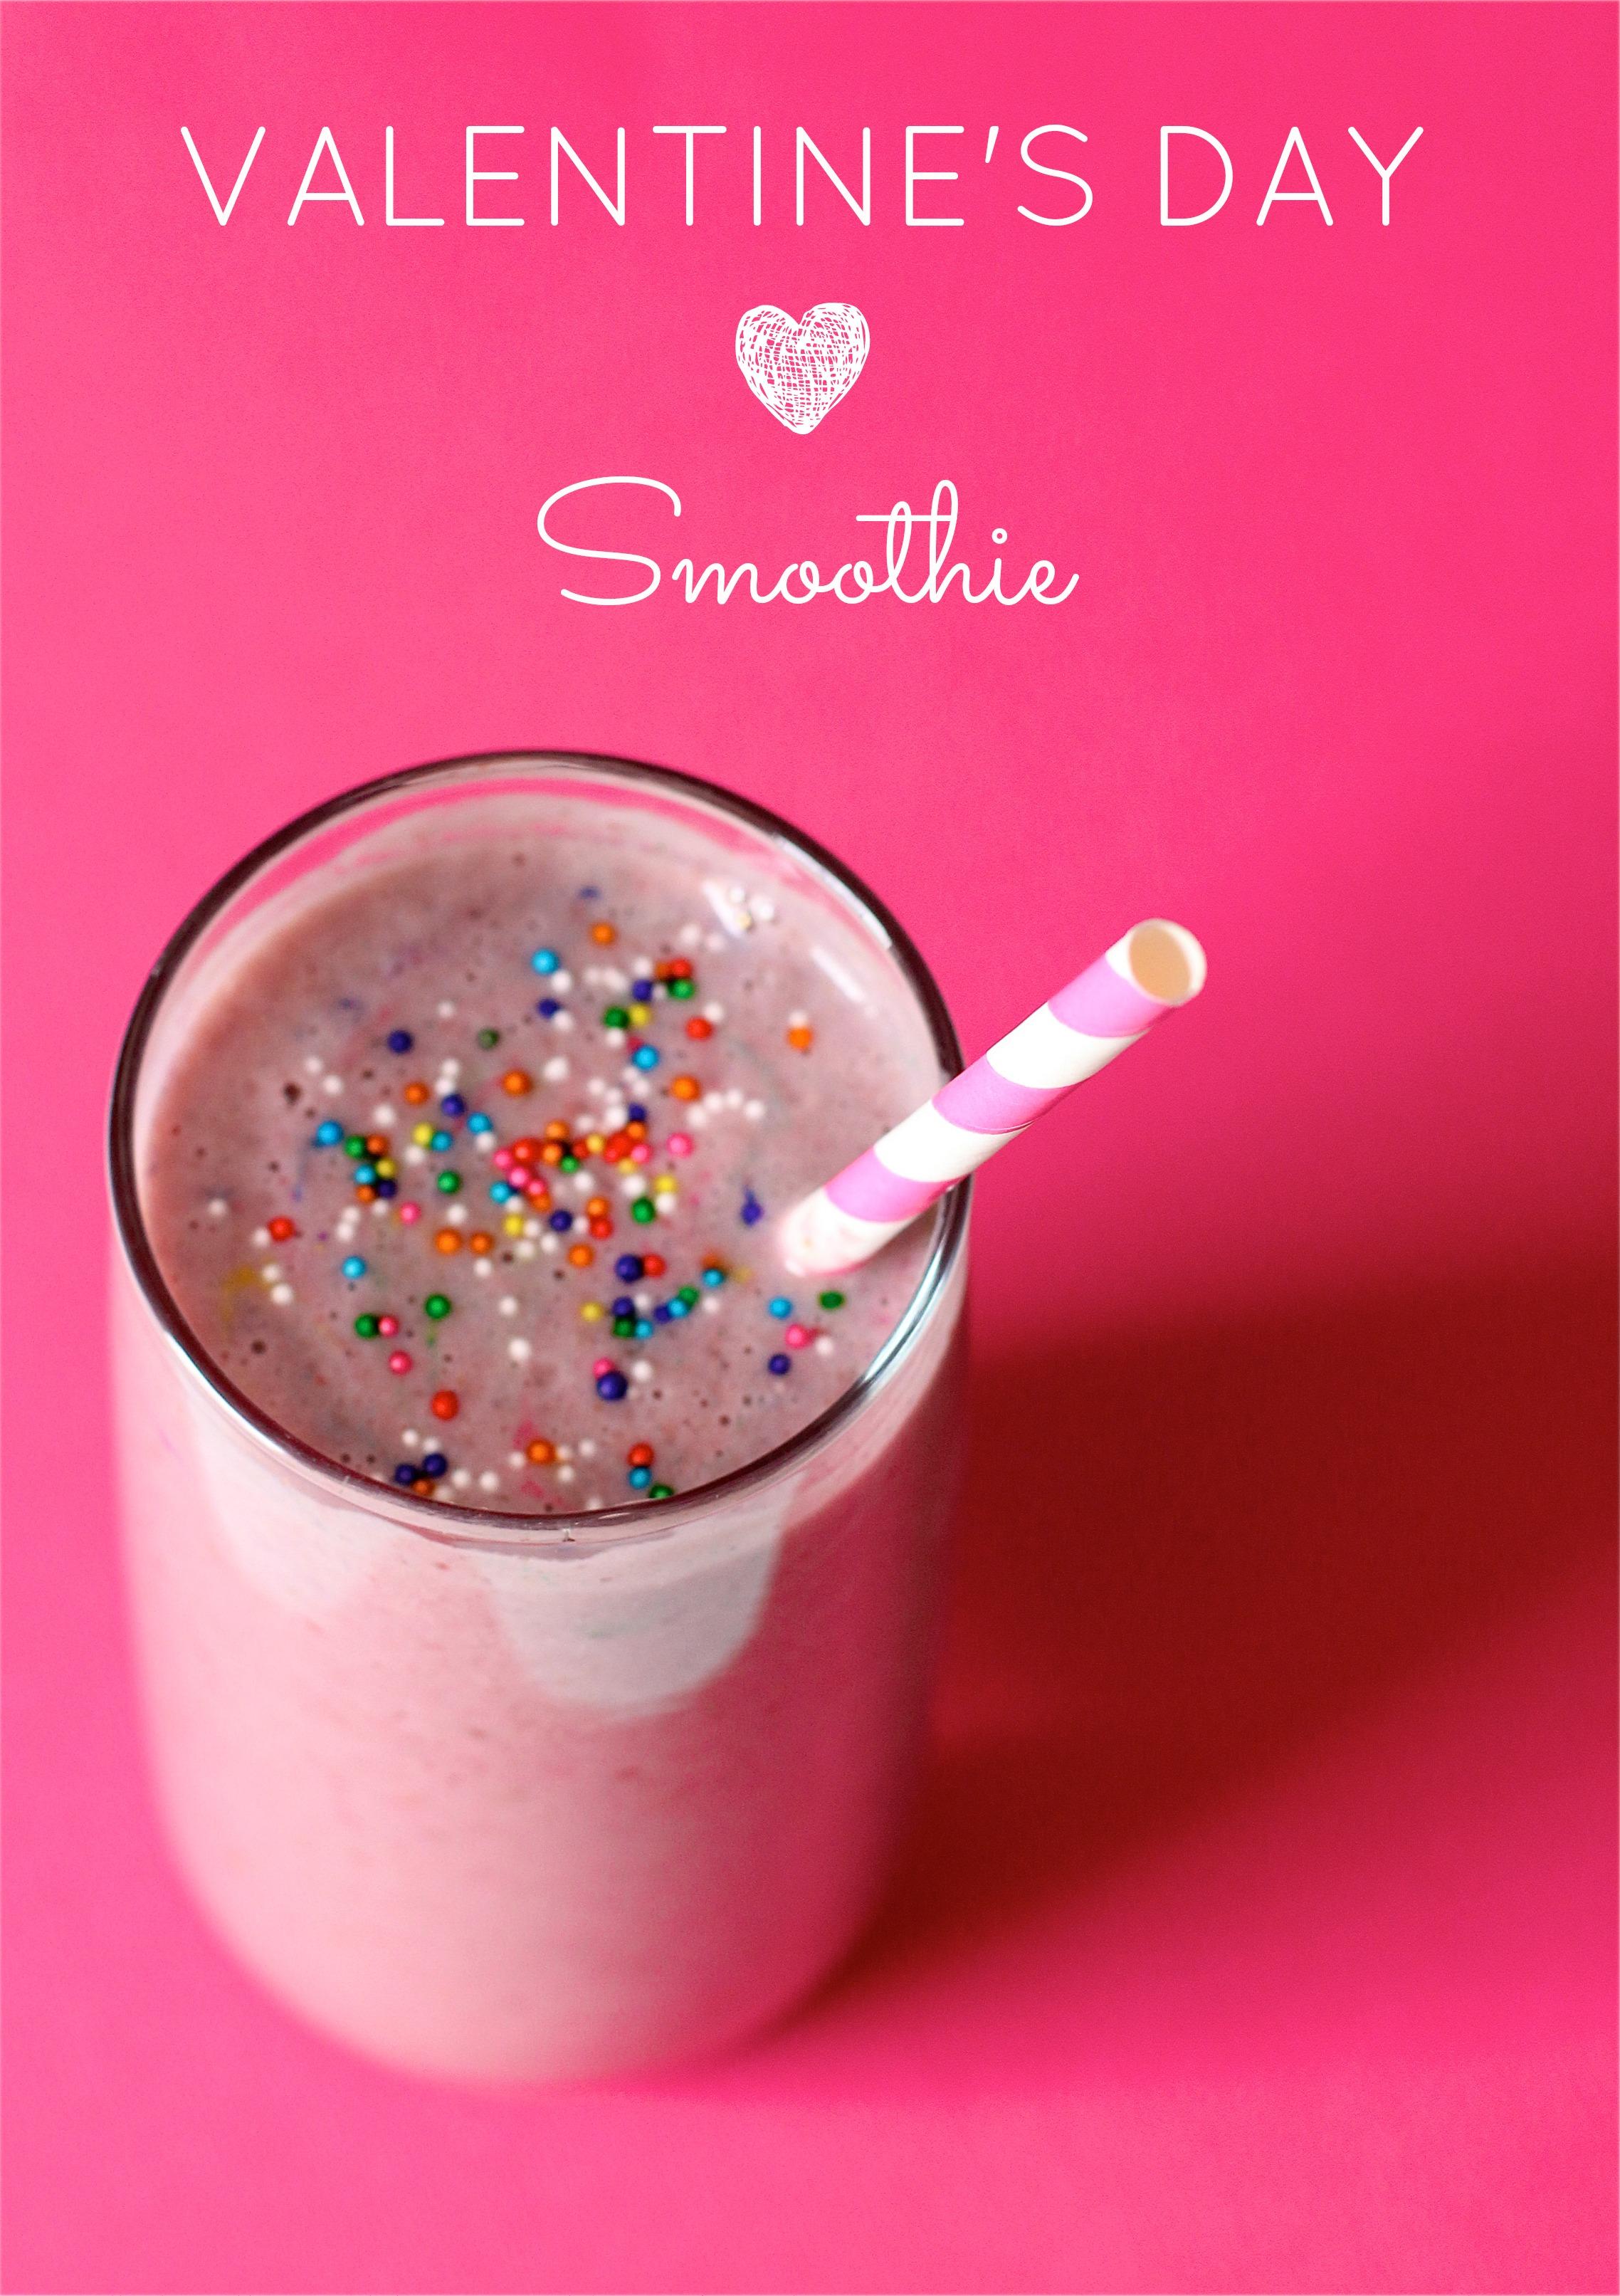 Yummy Valentine's Day Smoothie!